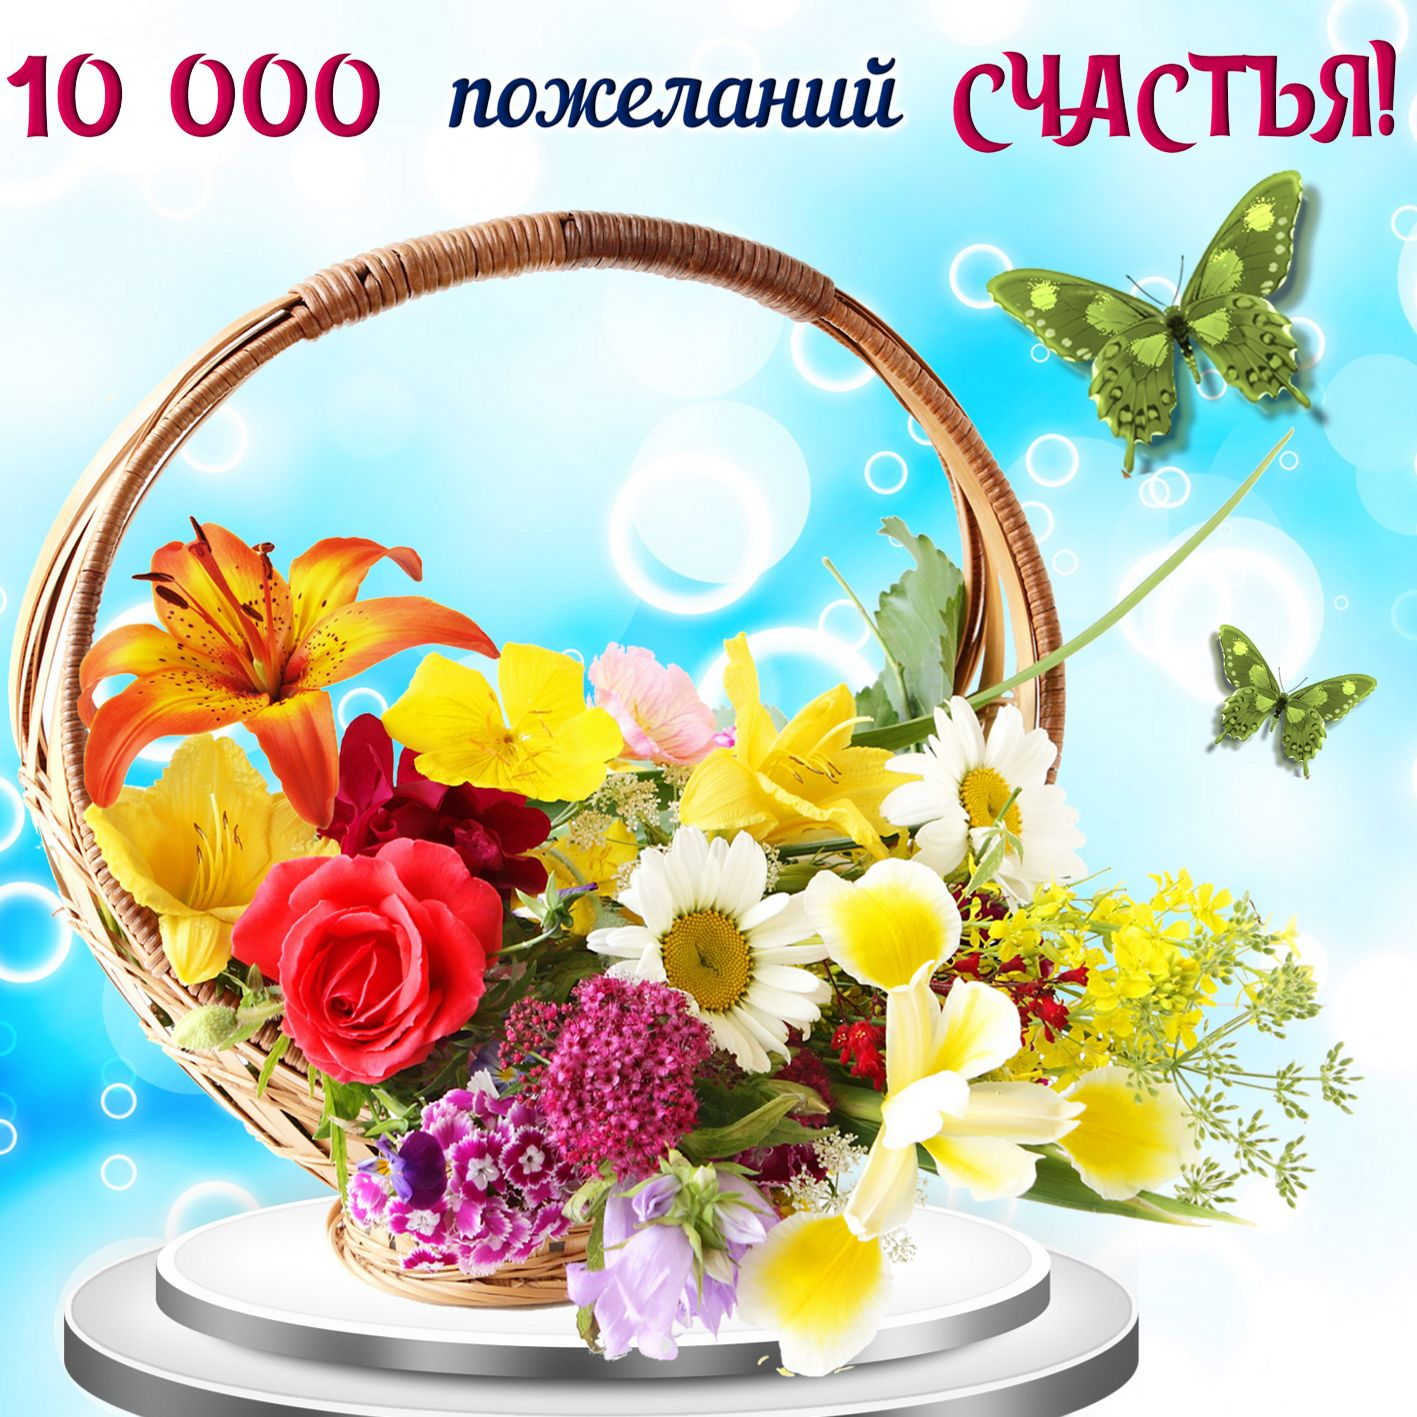 Для девочек, открытки цветы красивые с пожеланиями